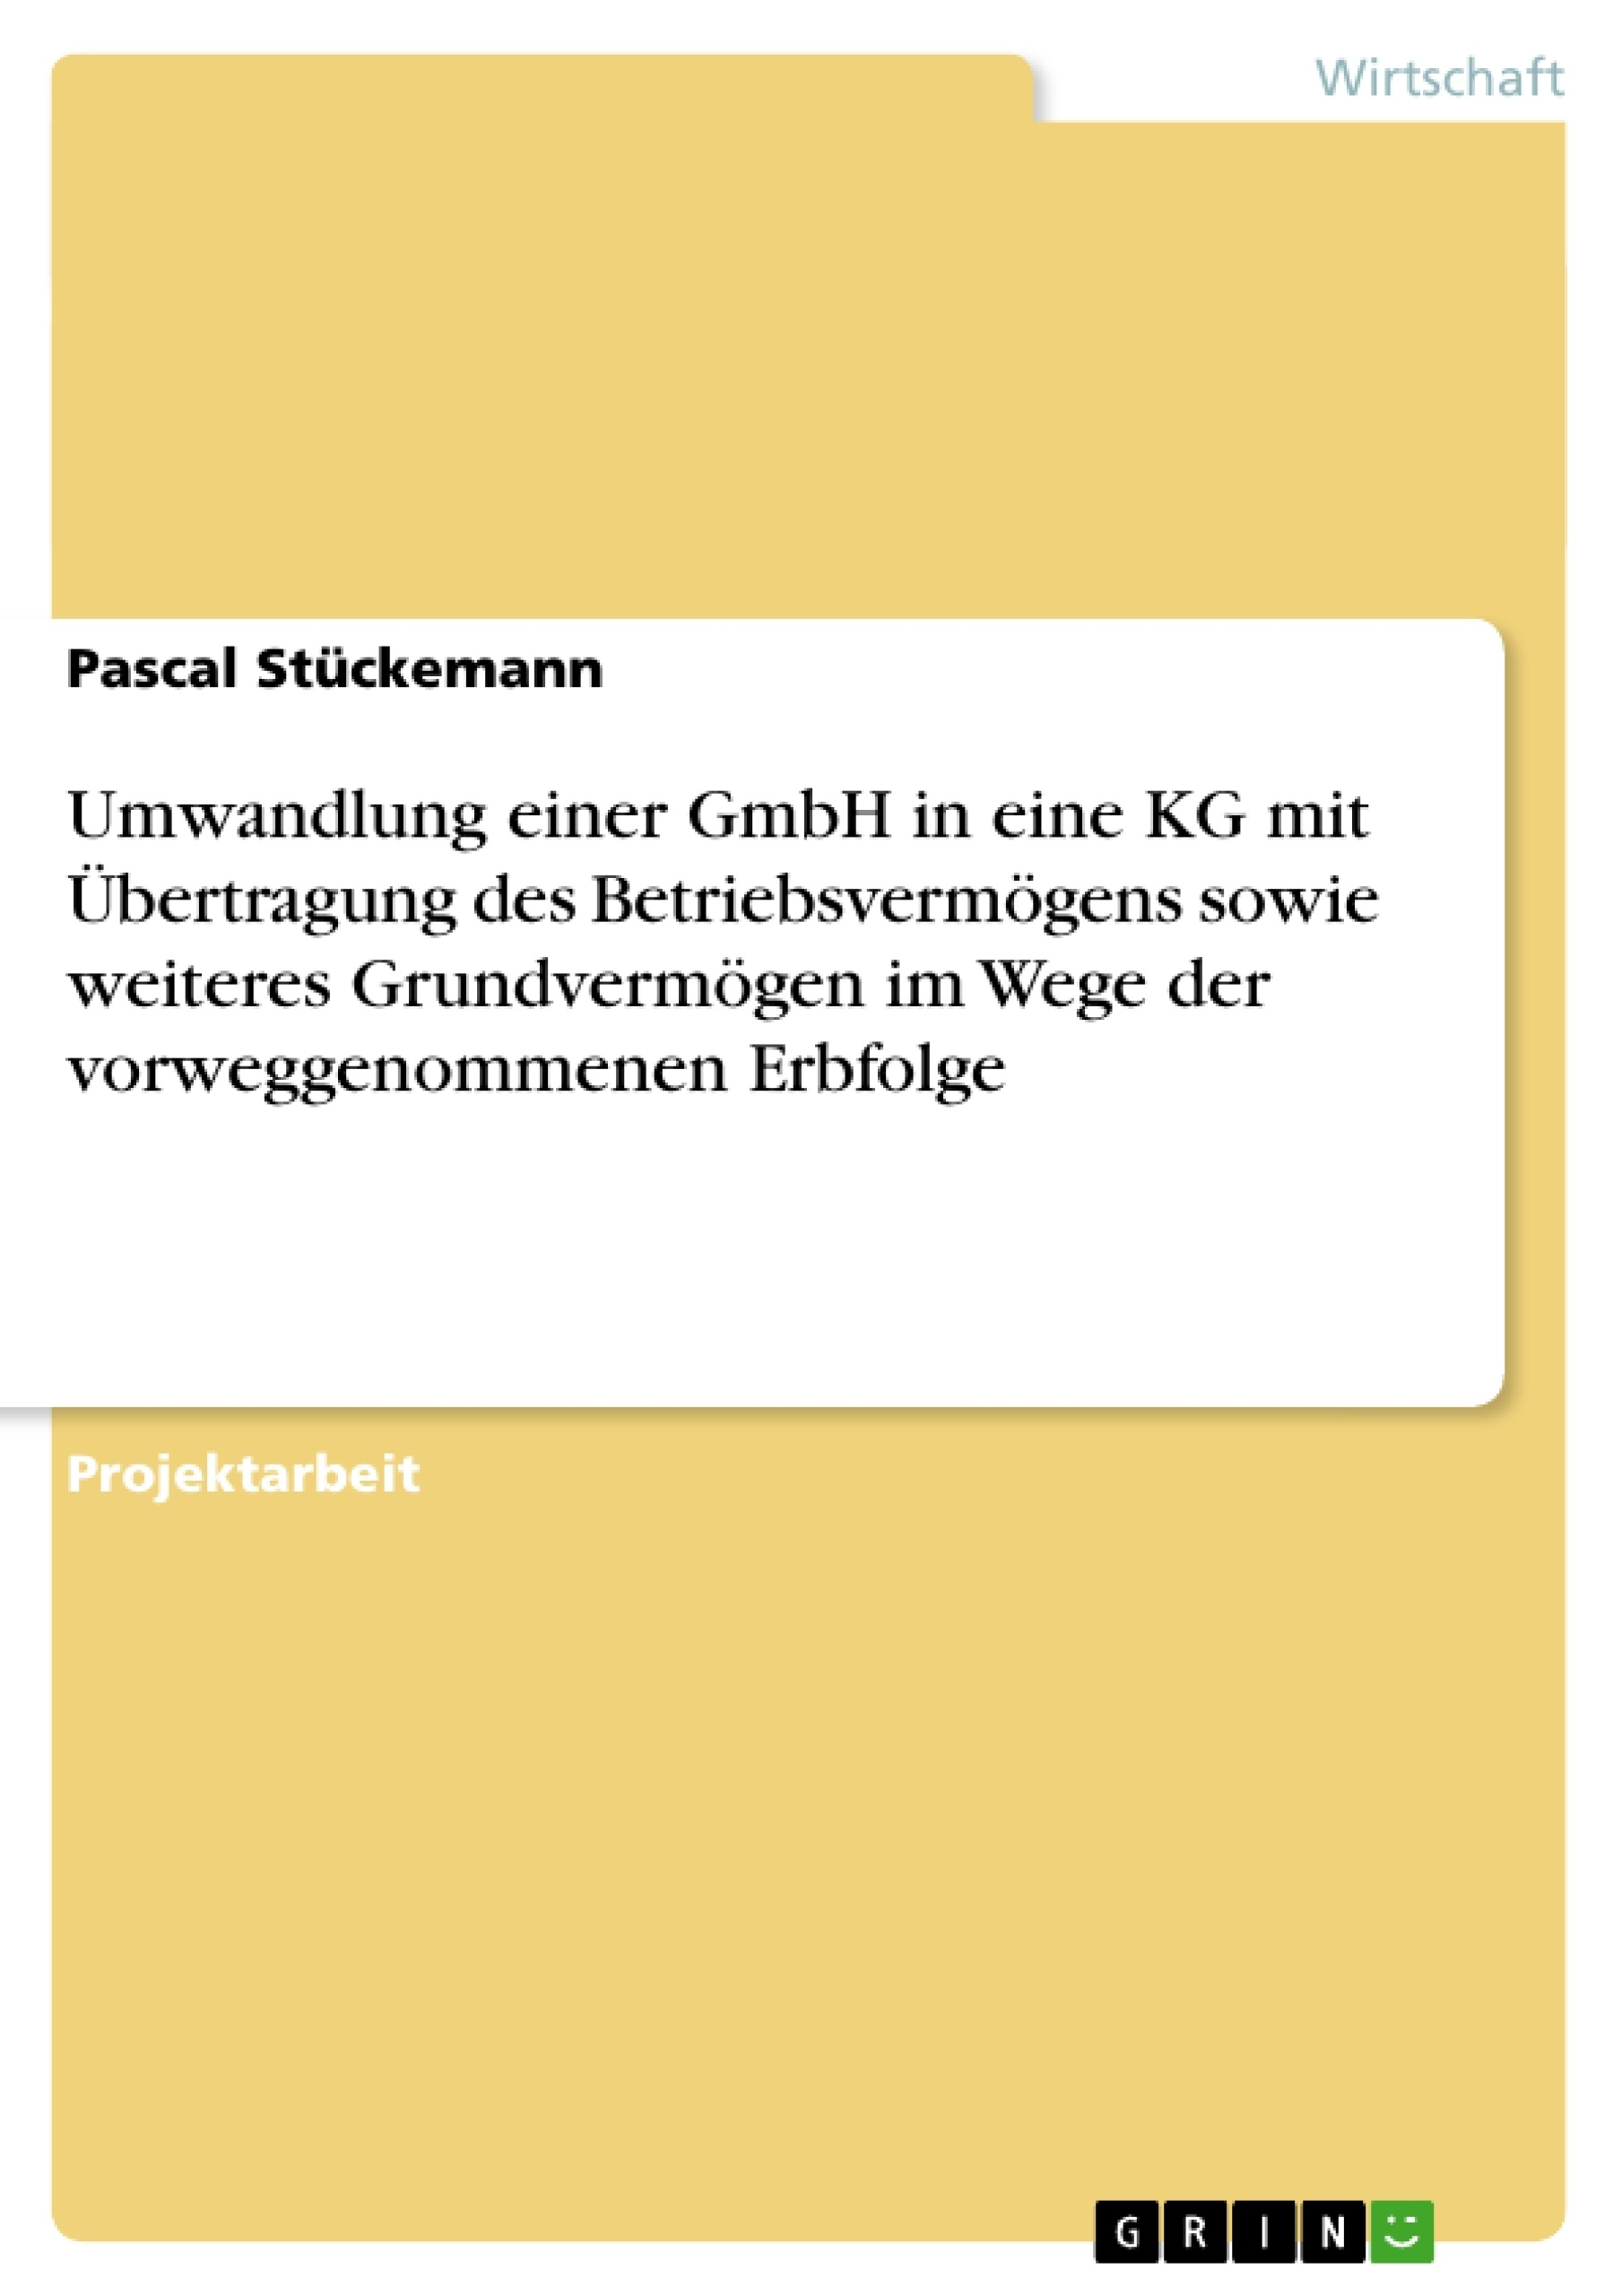 Titel: Umwandlung einer GmbH in eine KG mit Übertragung des Betriebsvermögens sowie weiteres Grundvermögen im Wege der vorweggenommenen Erbfolge